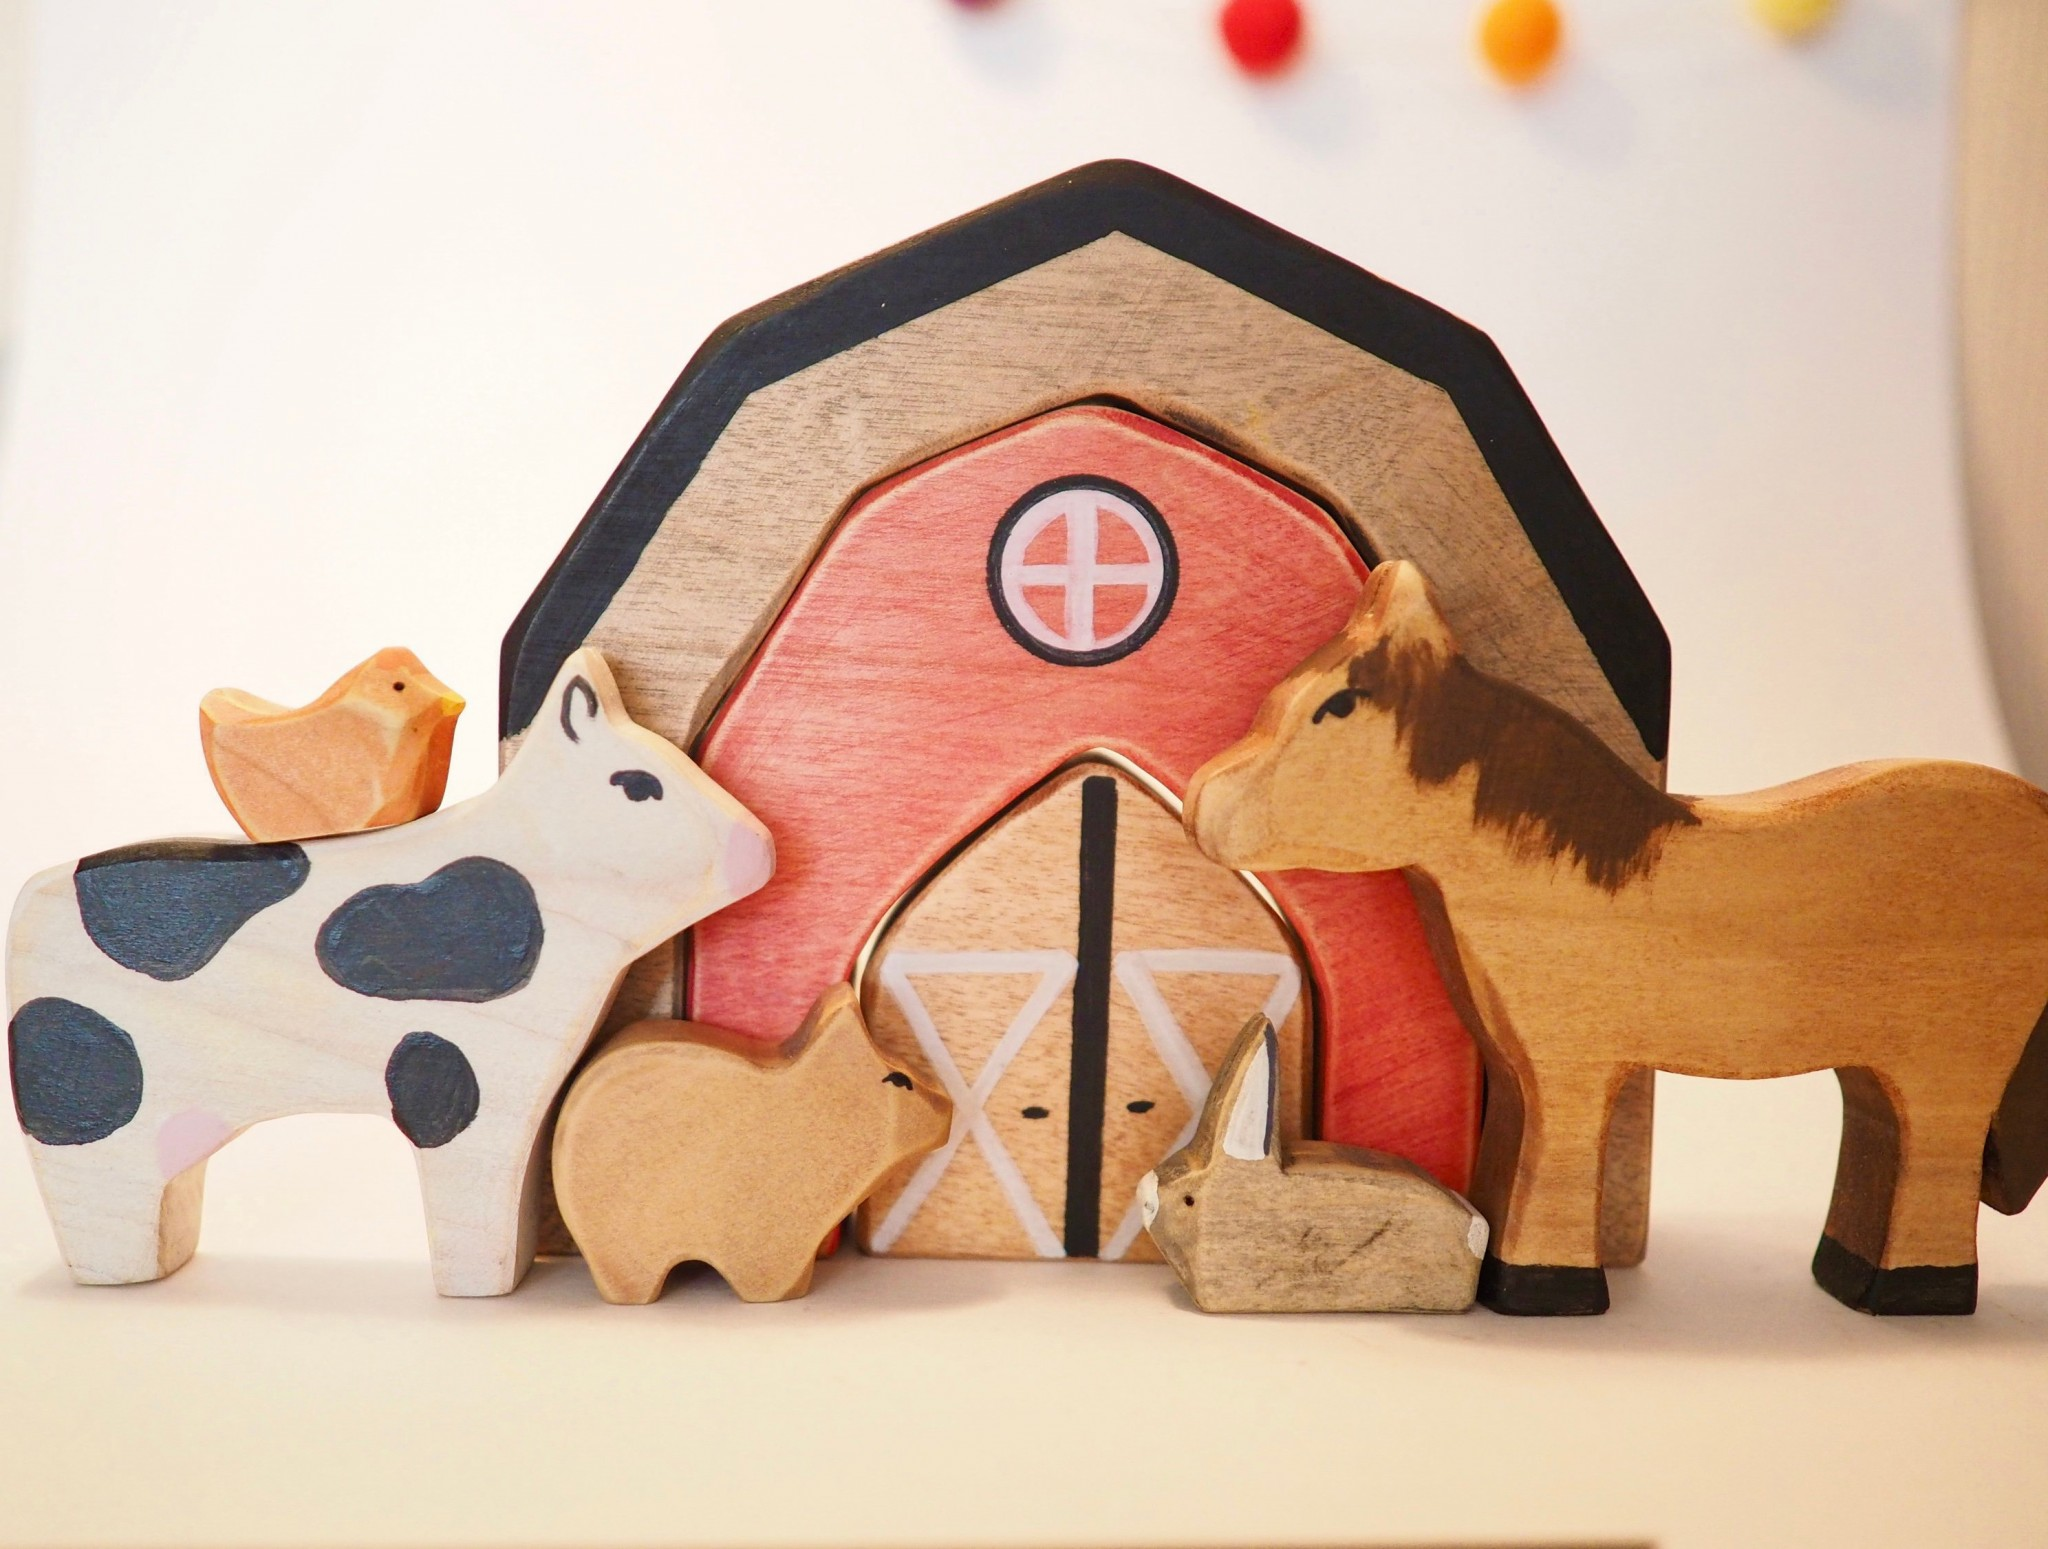 kubeko, bois, jouet en bois, québec, ferme, bébé, enfant